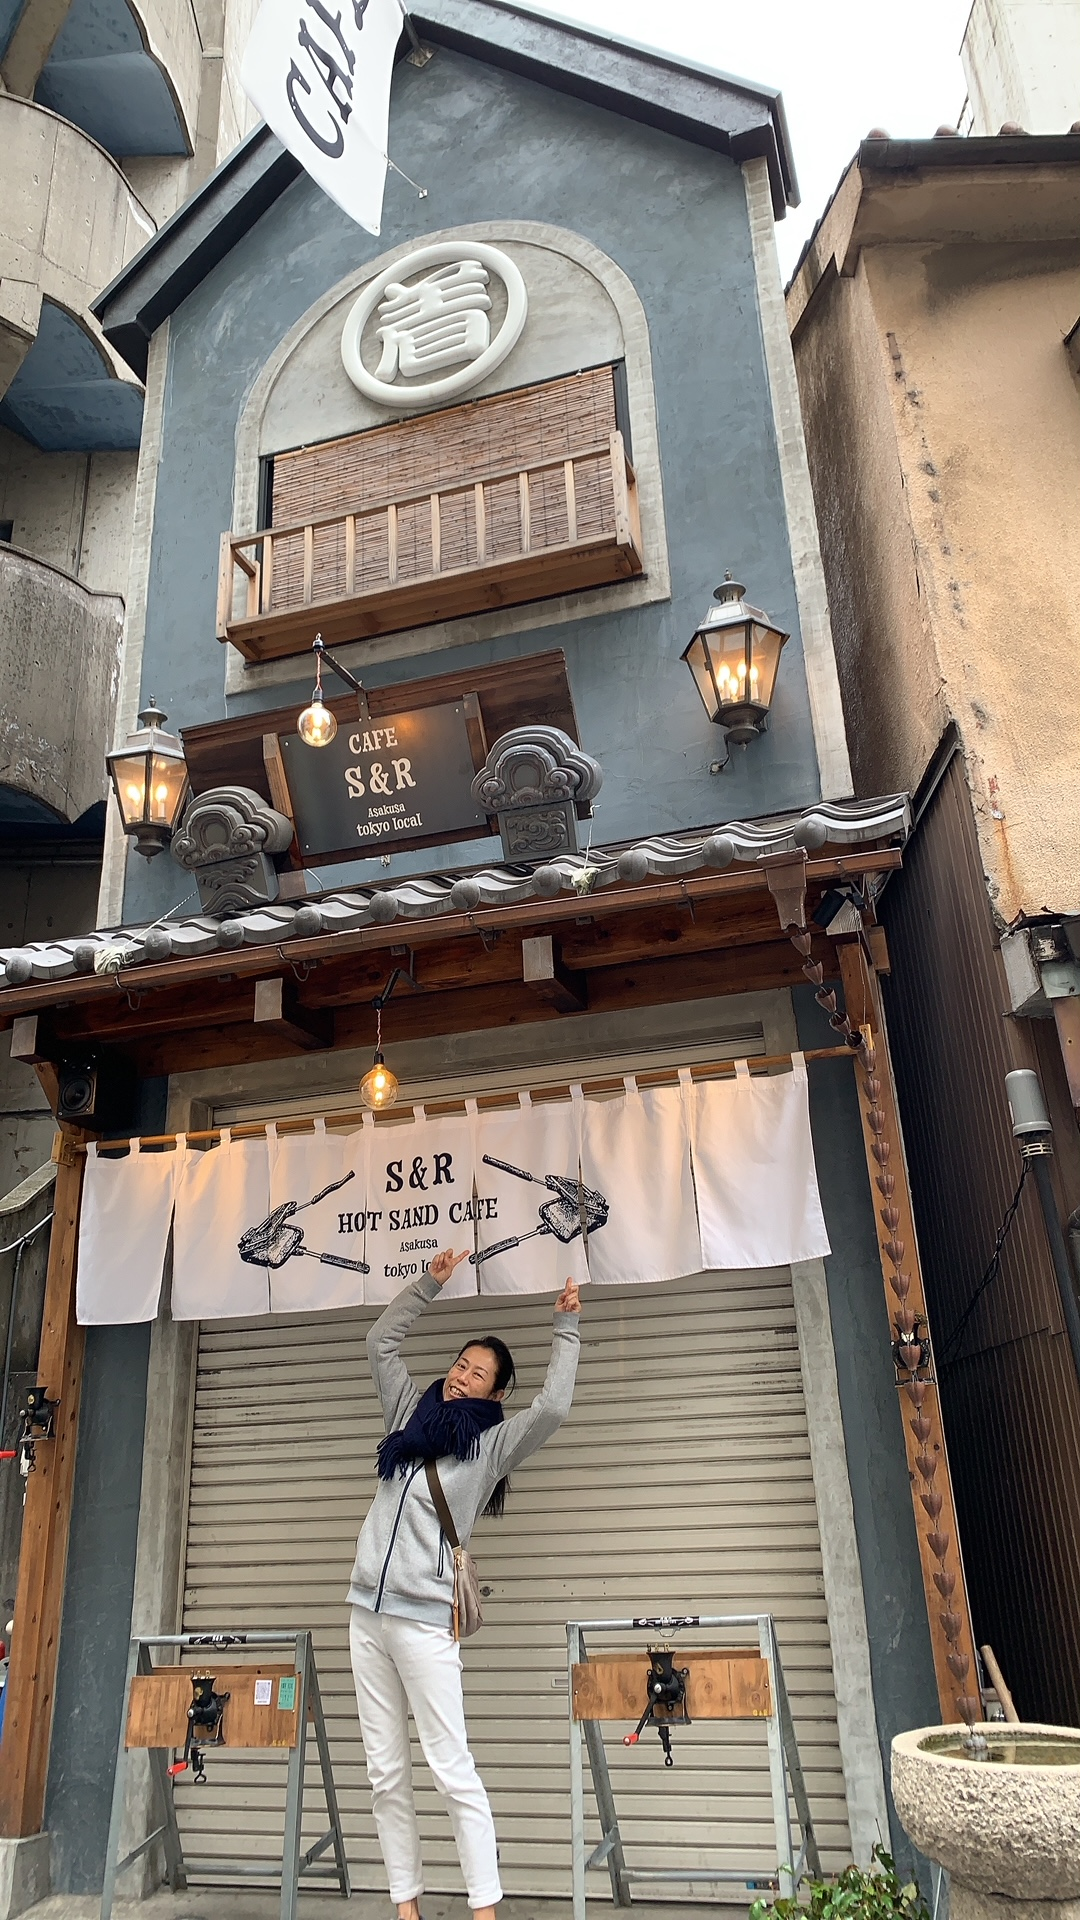 浅草,カフェ,S&R